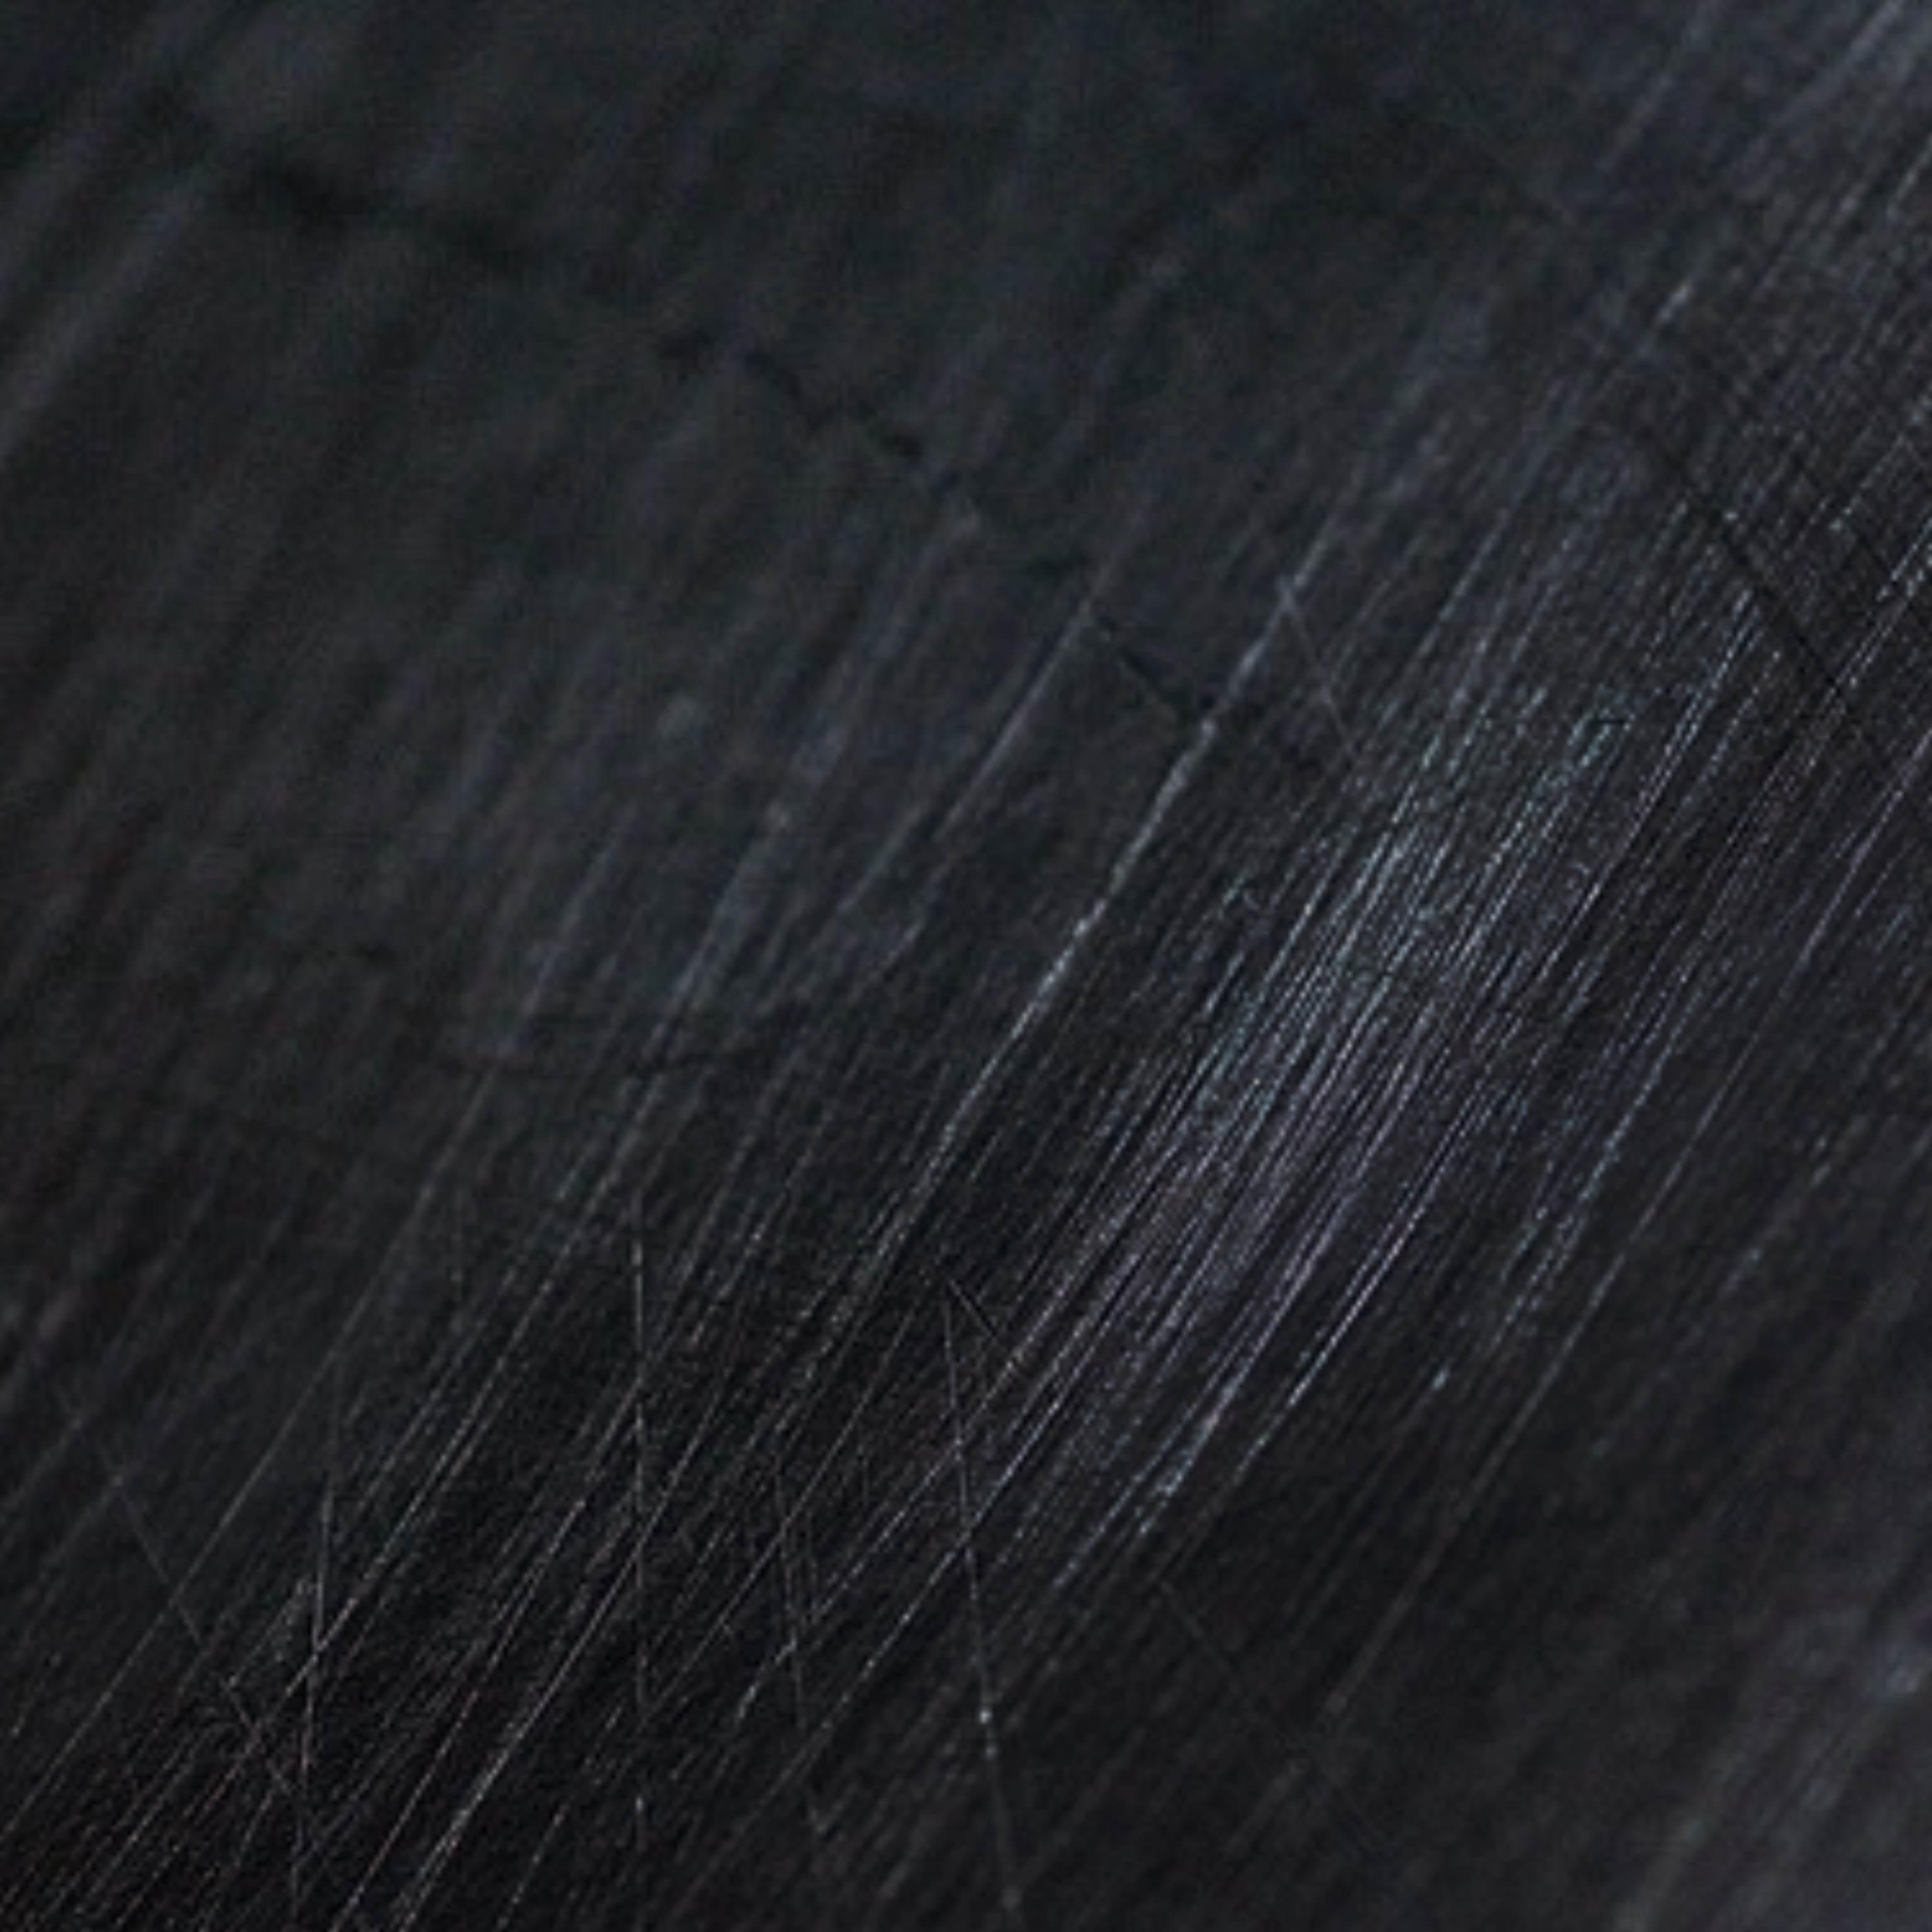 31+ Scratch Textures | Textures | DesignTrends